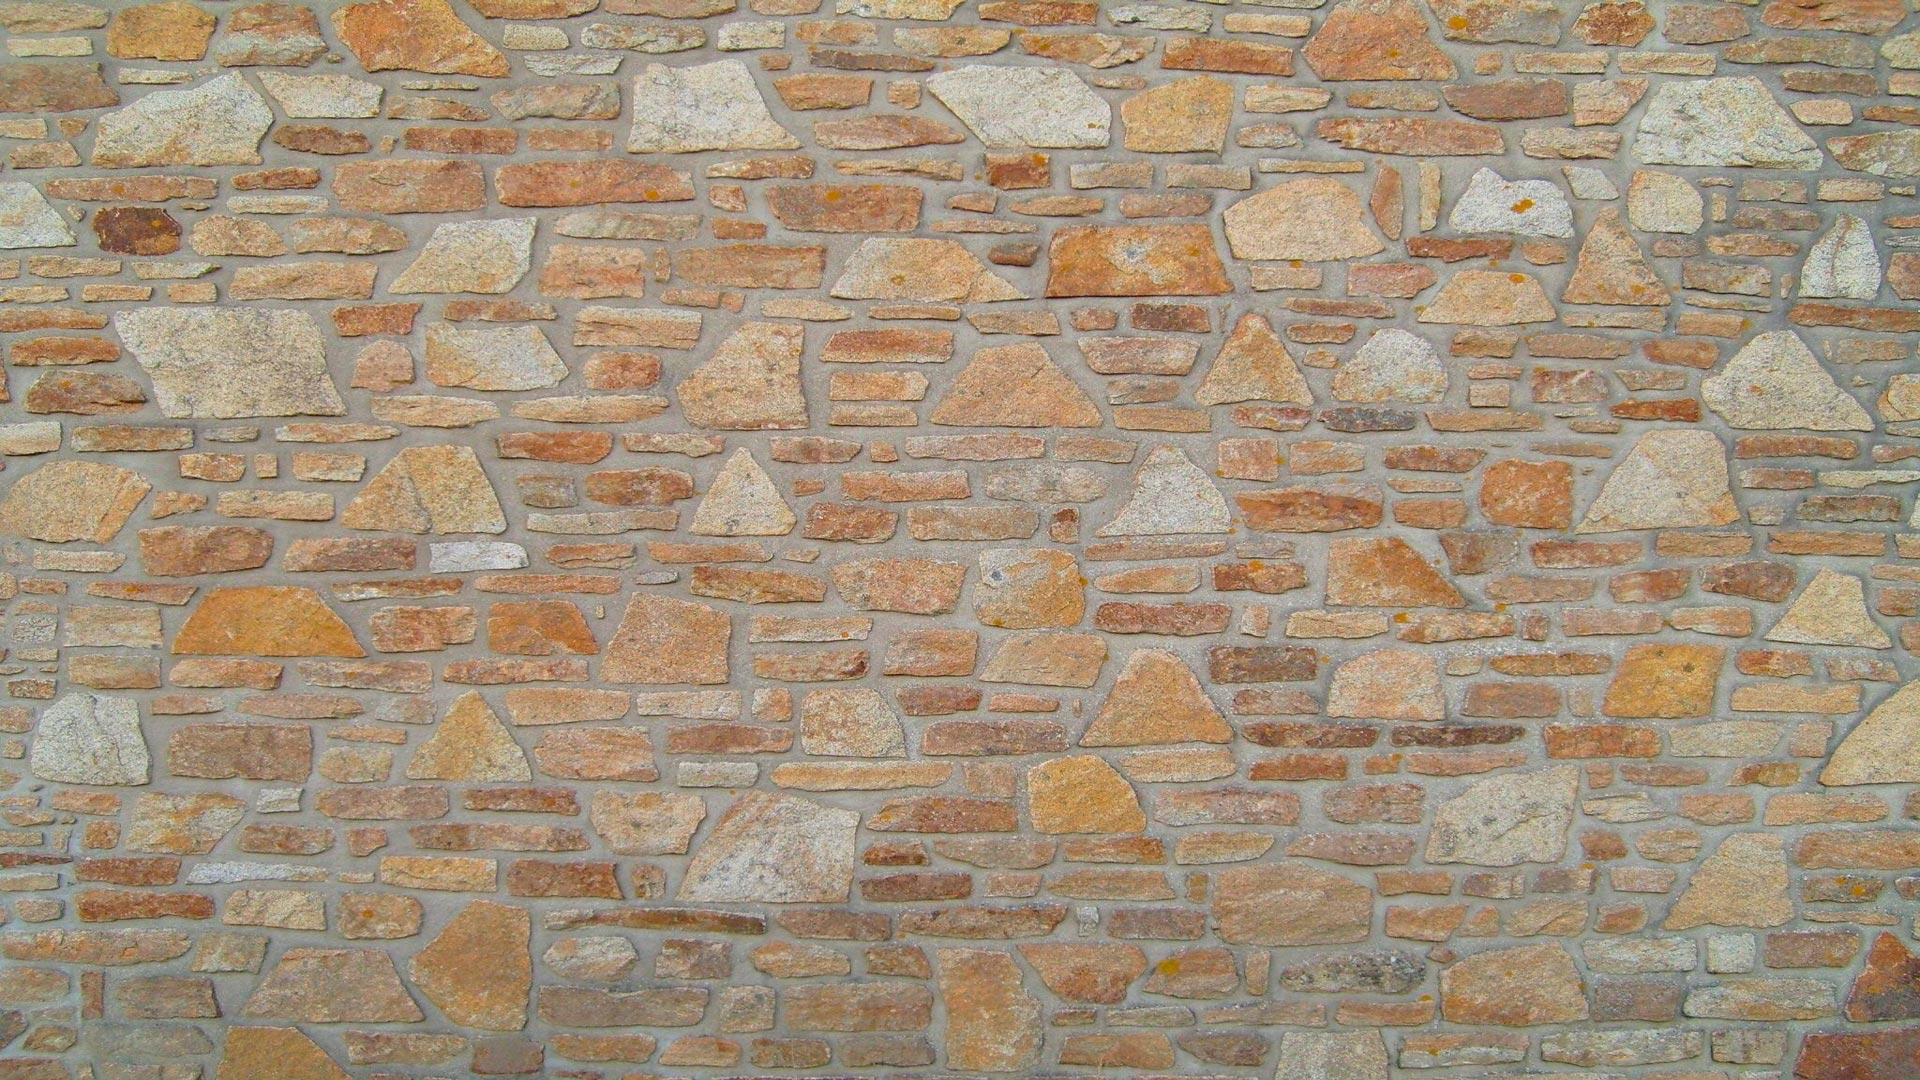 Colocar un revestimiento de imitaci n de piedra en el sal n - Revestimientos de paredes imitacion piedra ...